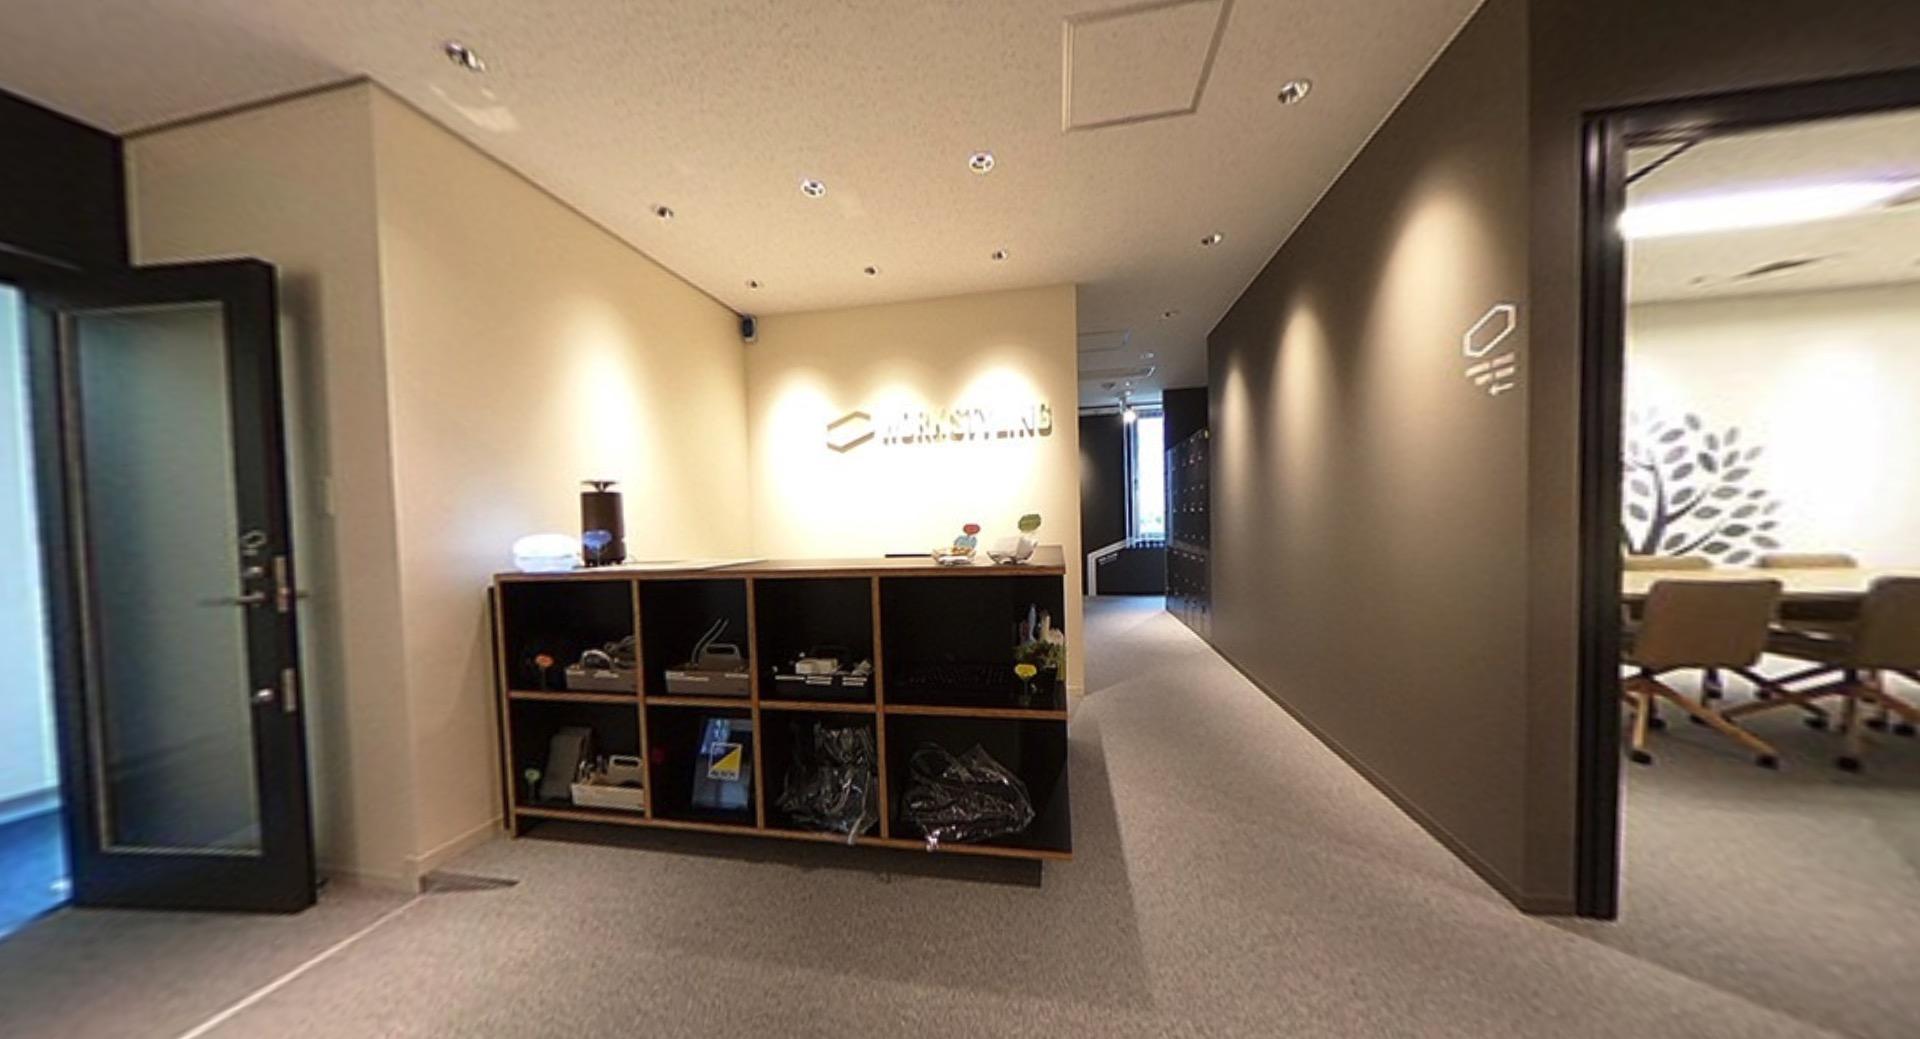 ワークスタイリング表参道のオフィス内部の画像「フロント」